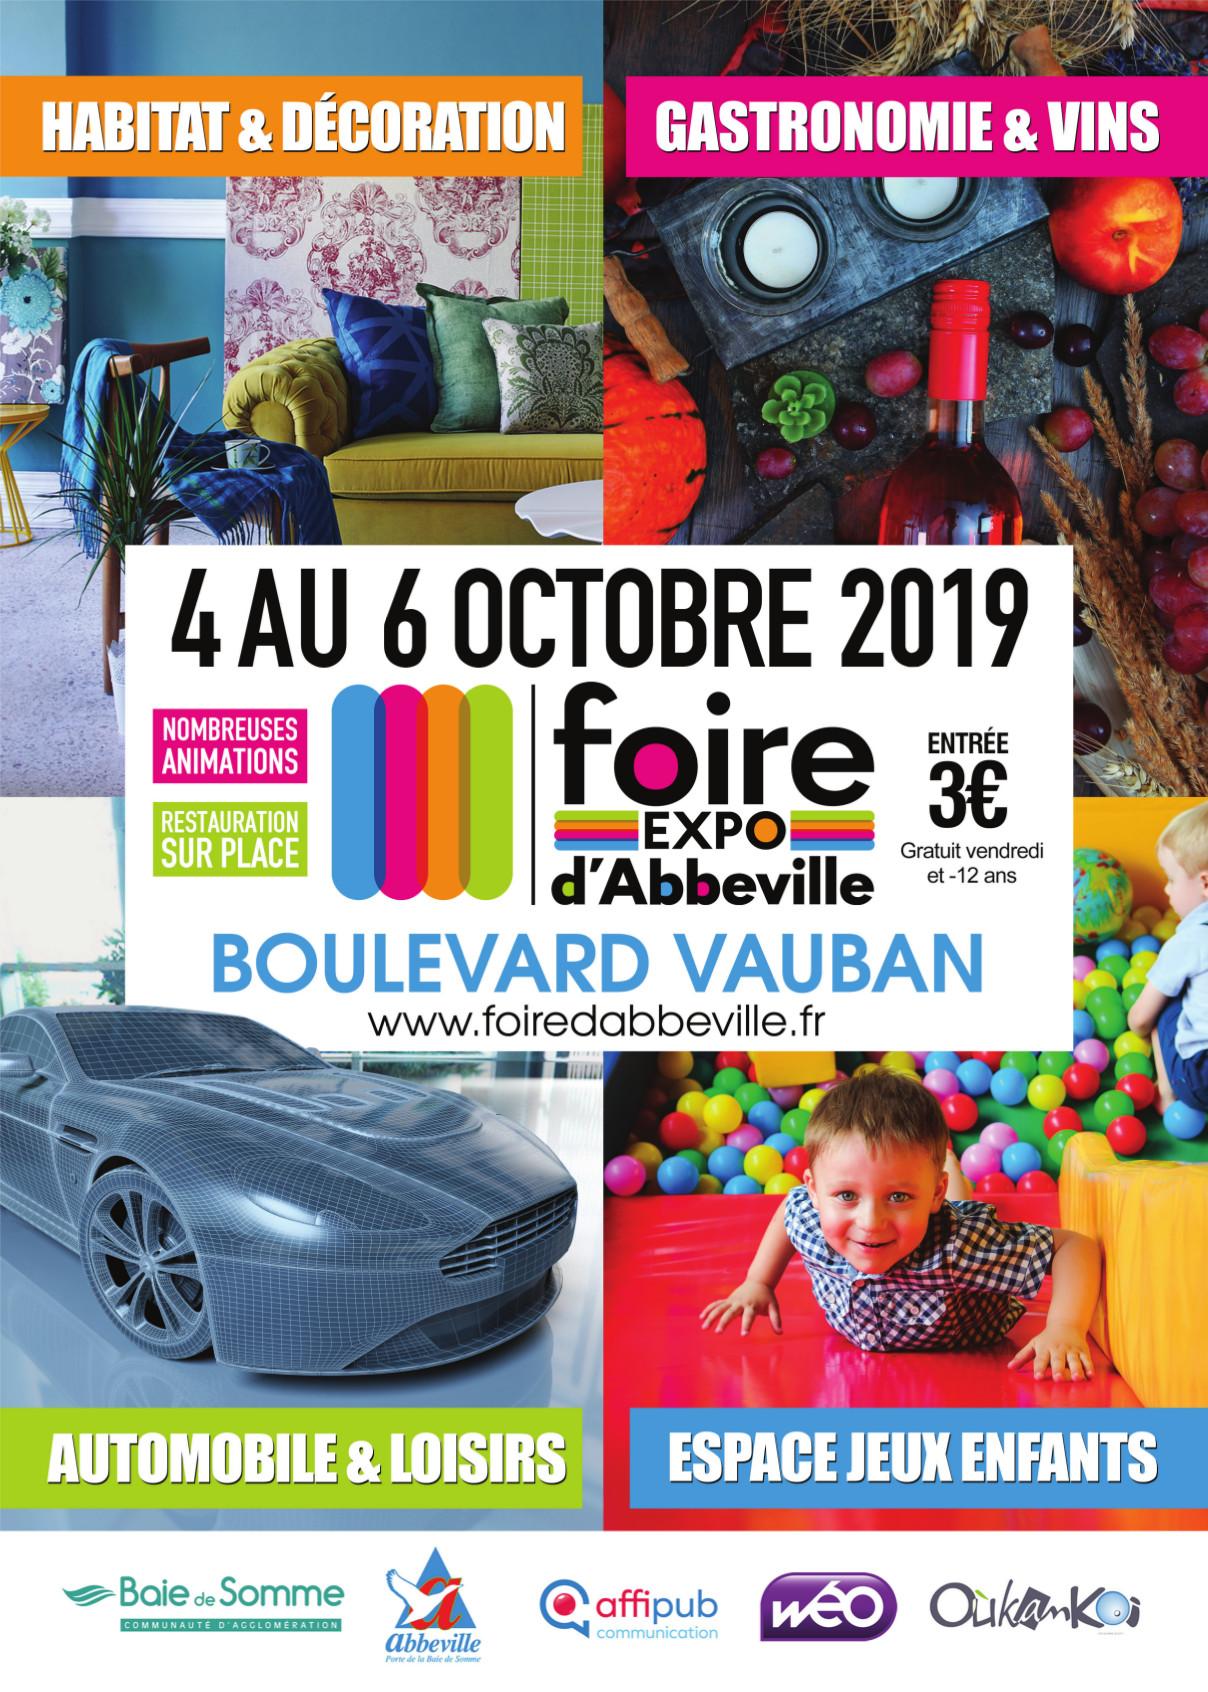 Foire Exposition d'Abbeville du 04 au 06 Octobre 2019